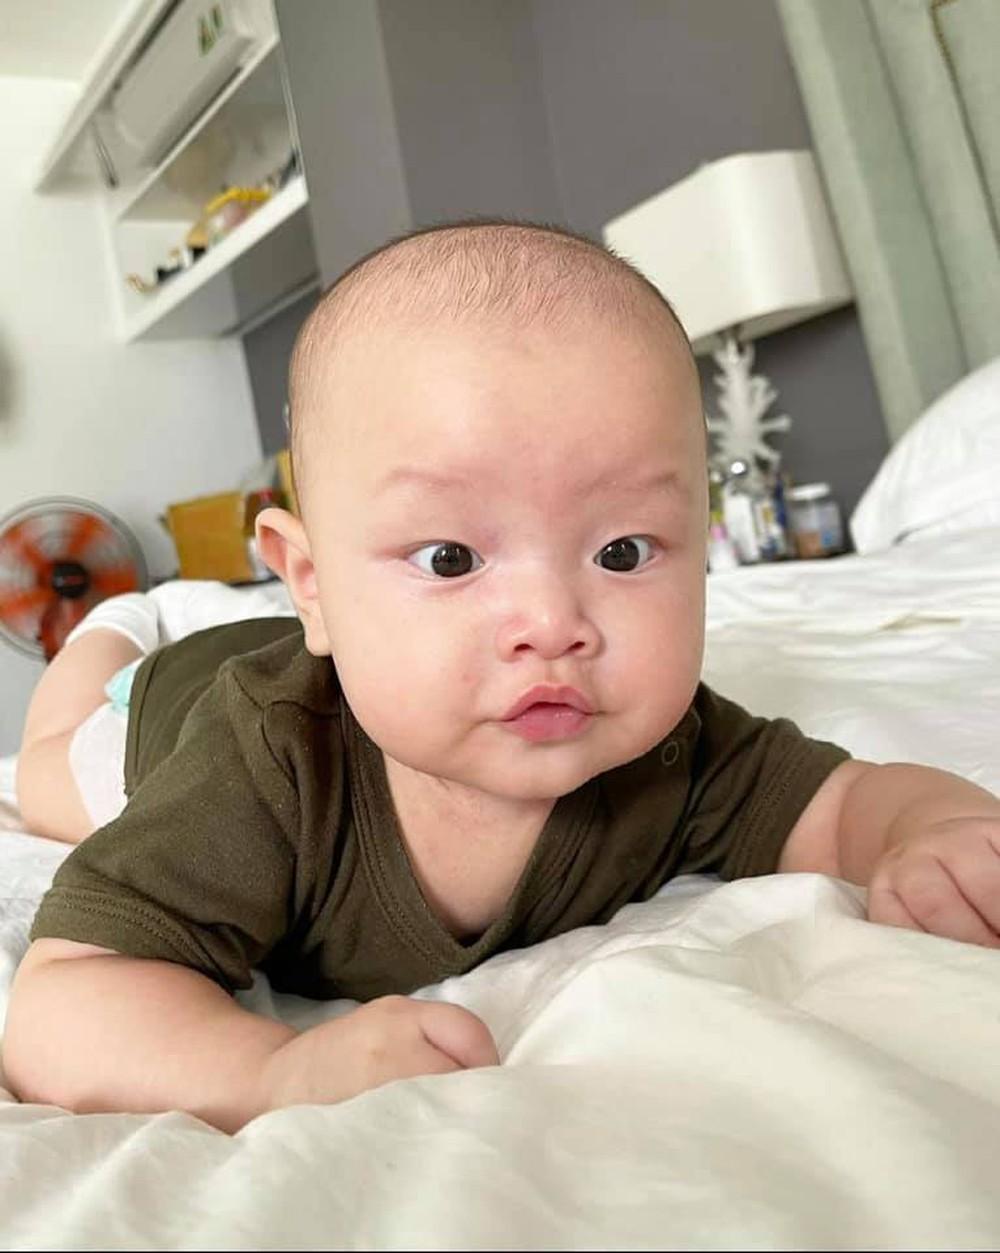 Cặp sinh đôi của Hà Hồ - Kim Lý: Đáng yêu như búp bê, vừa sinh đã sở hữu lượng fan khủng - Ảnh 4.